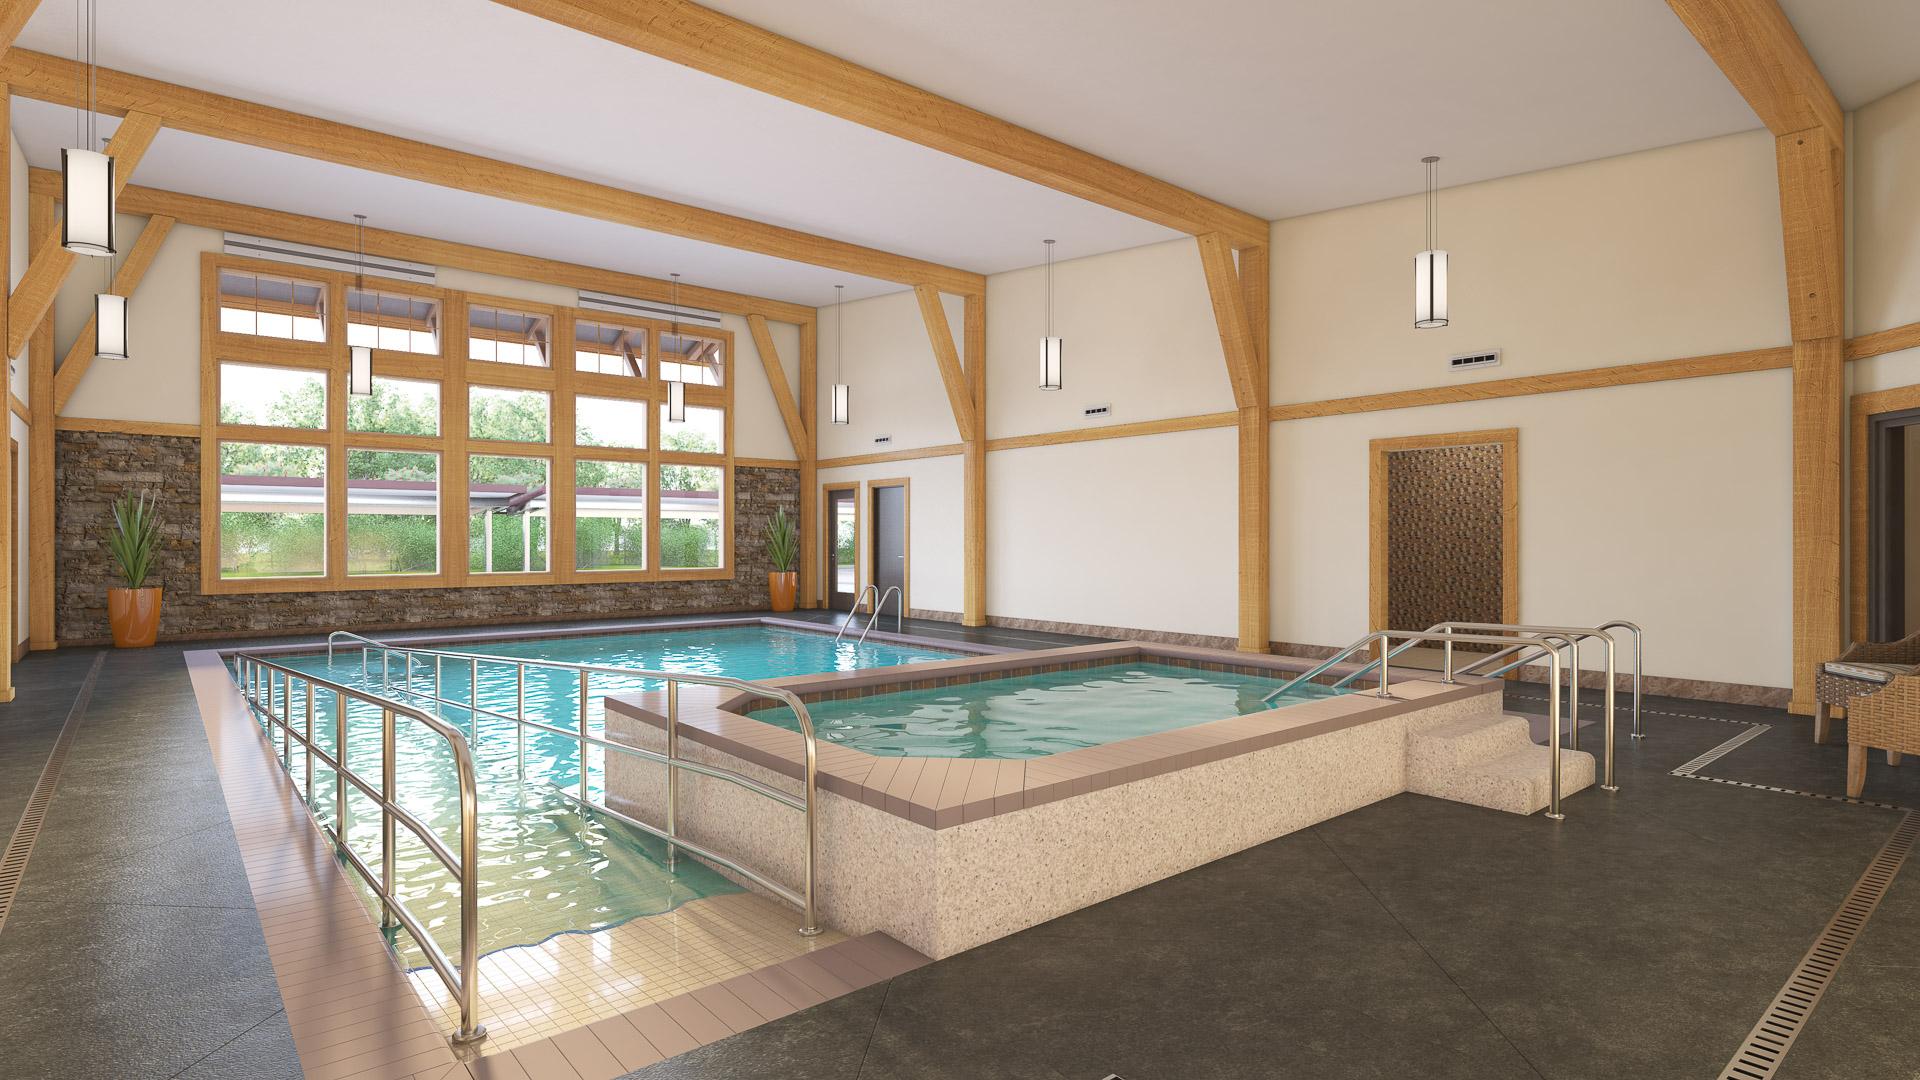 Bozeman_Swiming pool_cam1_102918